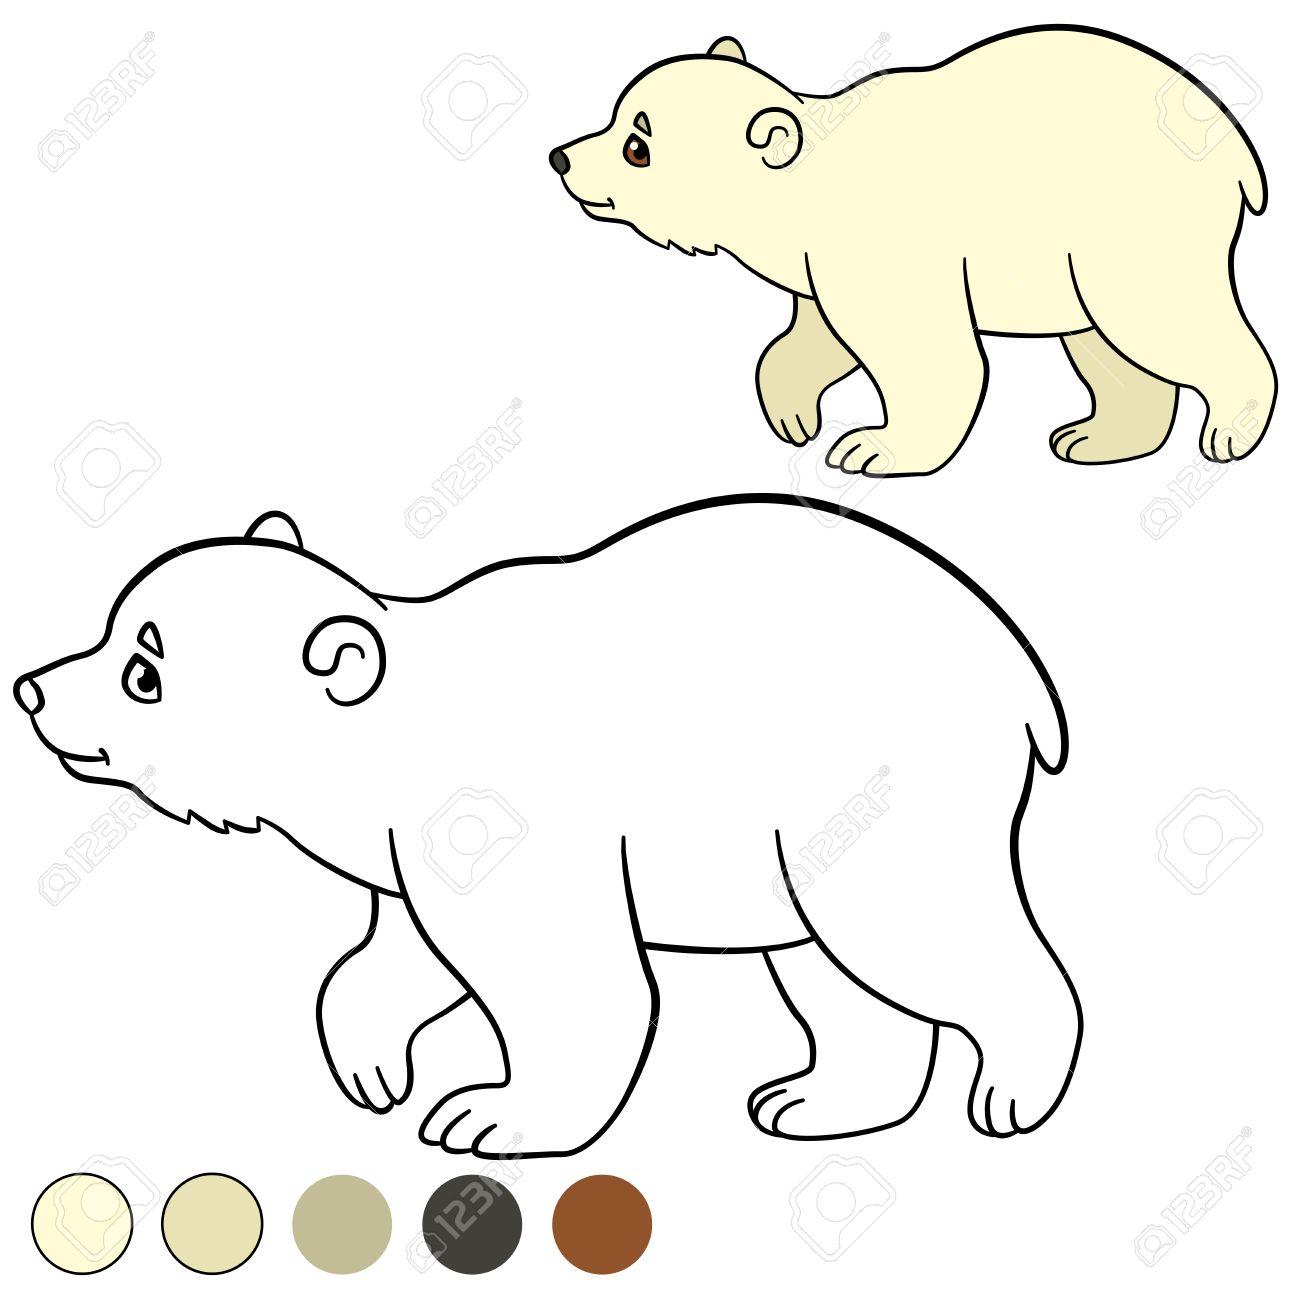 Dibujo Para Colorear. El Pequeño Oso Polar Lindo Bebé Camina Y ...